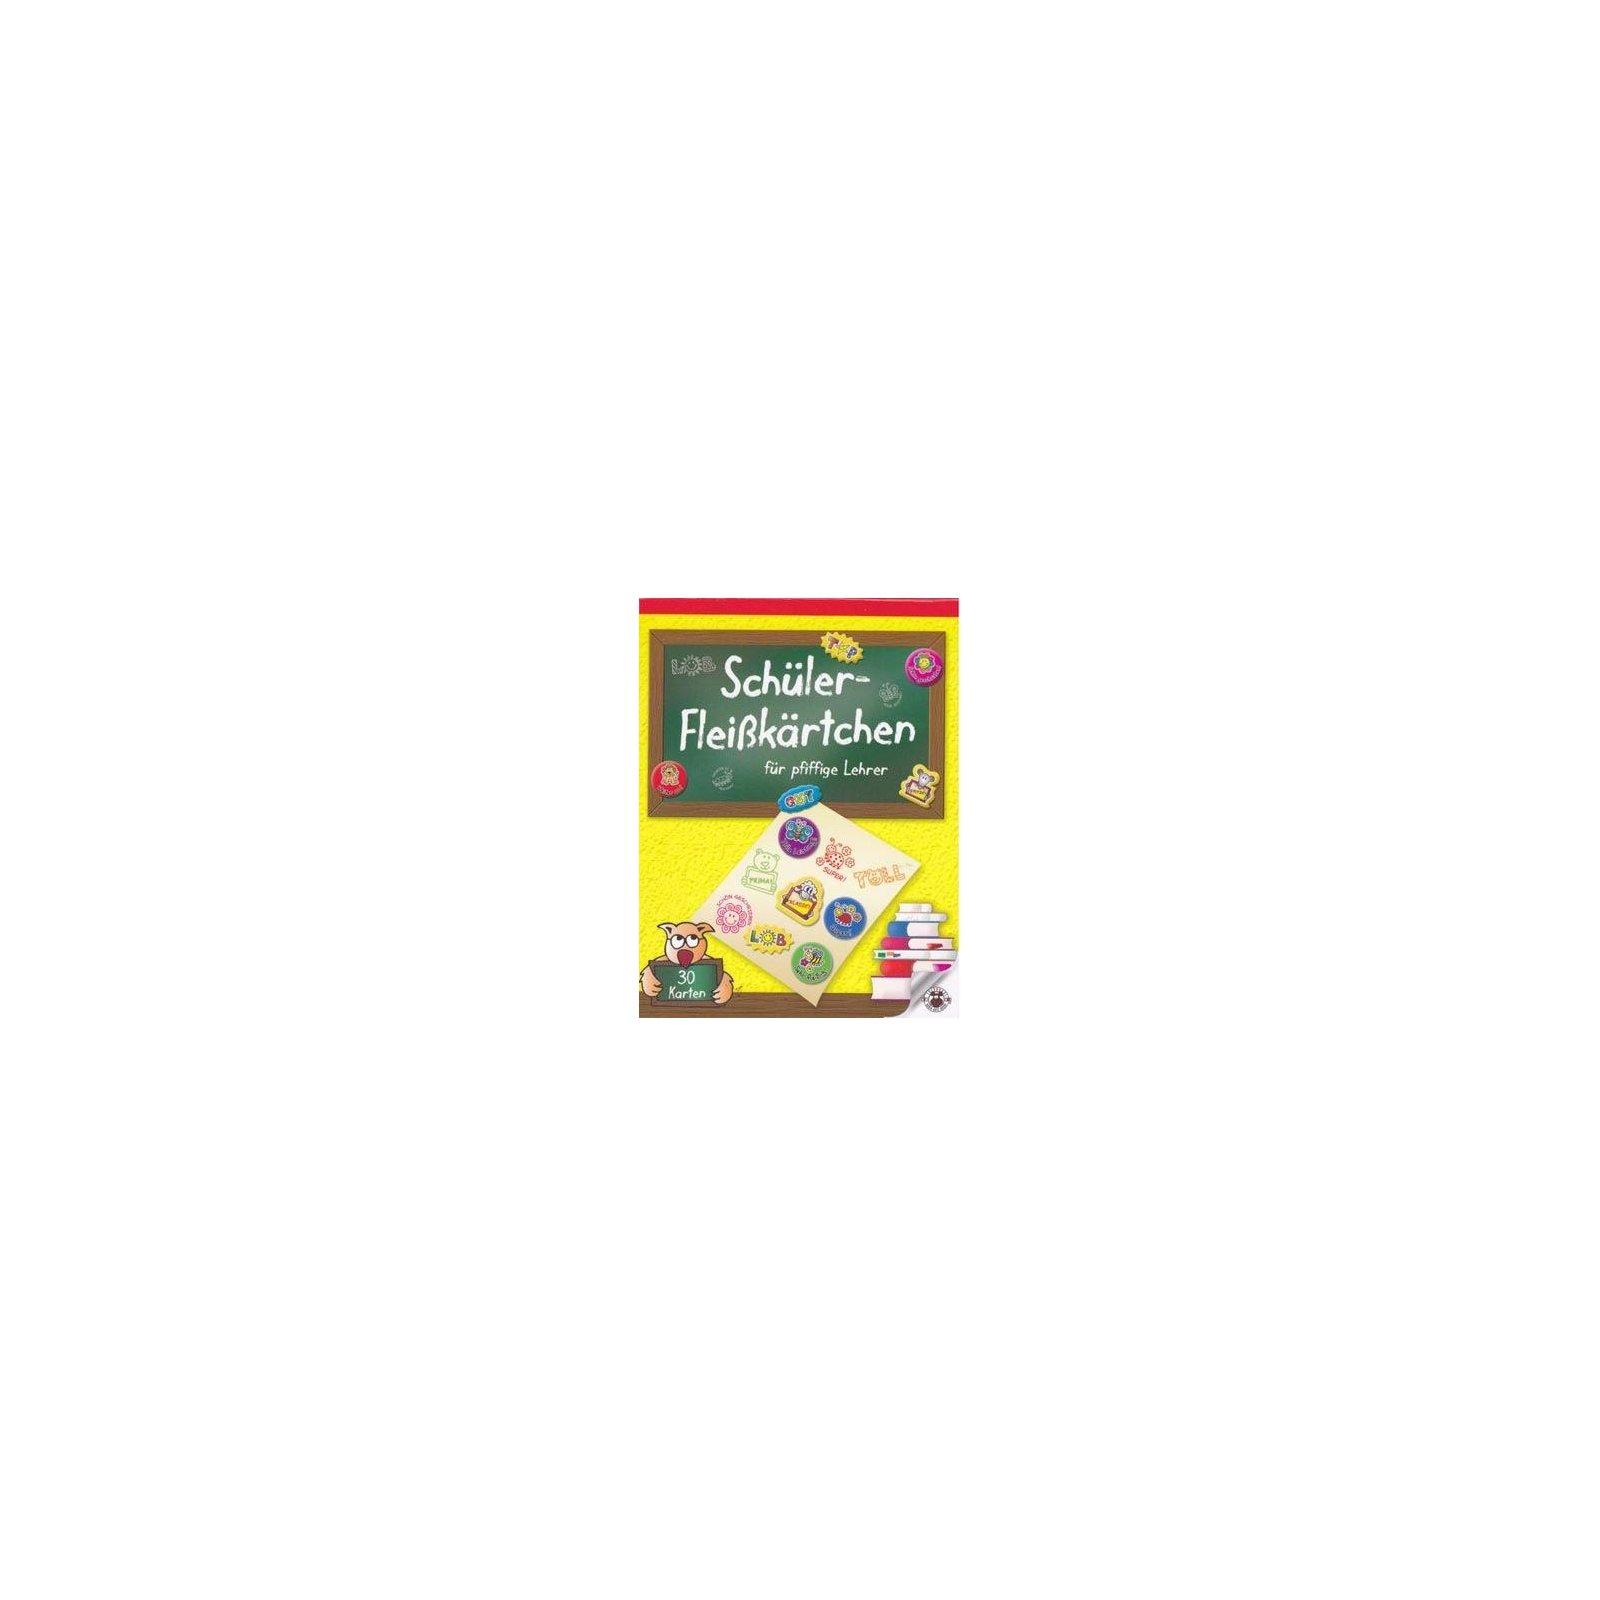 30 Sch/üler-Flei/ßk/ärtchen f/ür pfiffige Lehrer